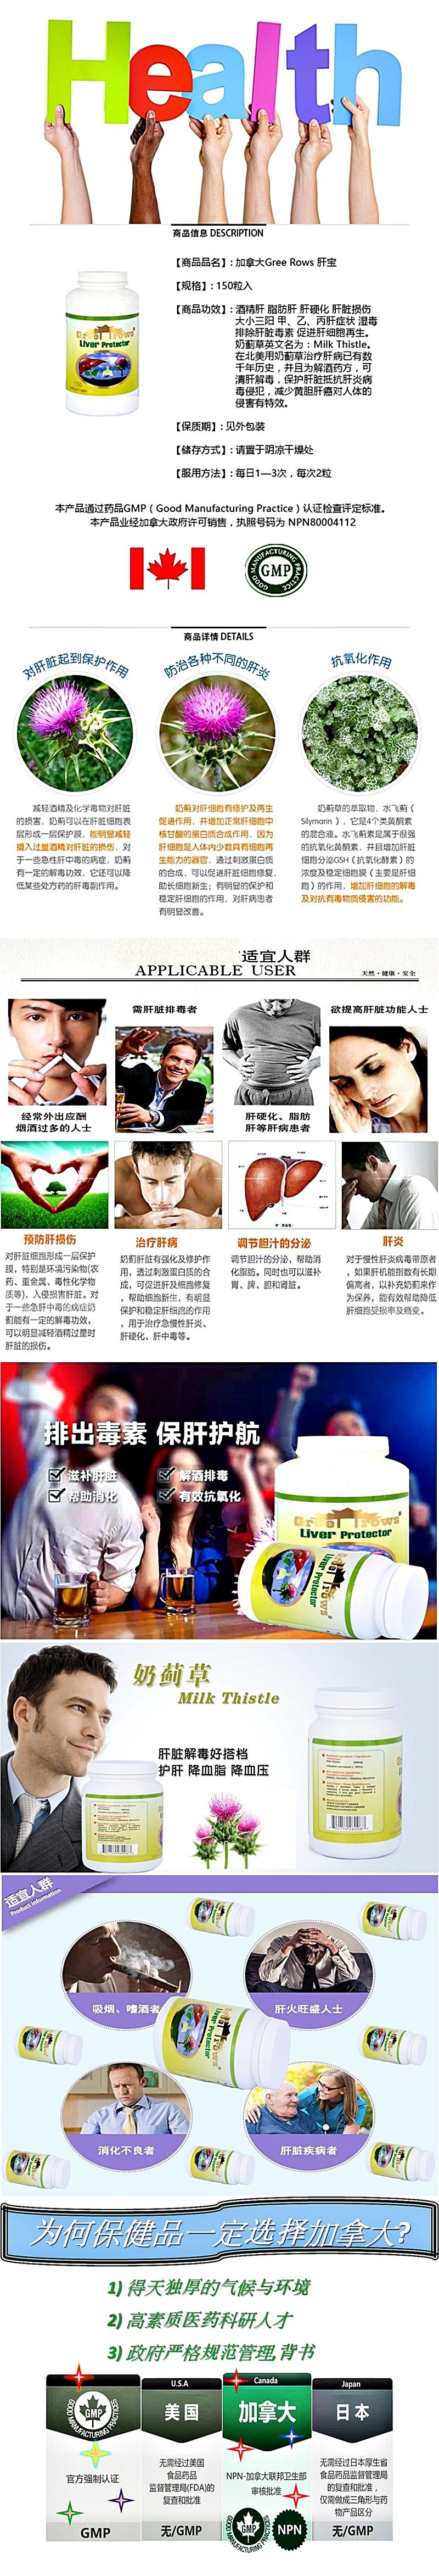 ecs014377new-vert.jpg